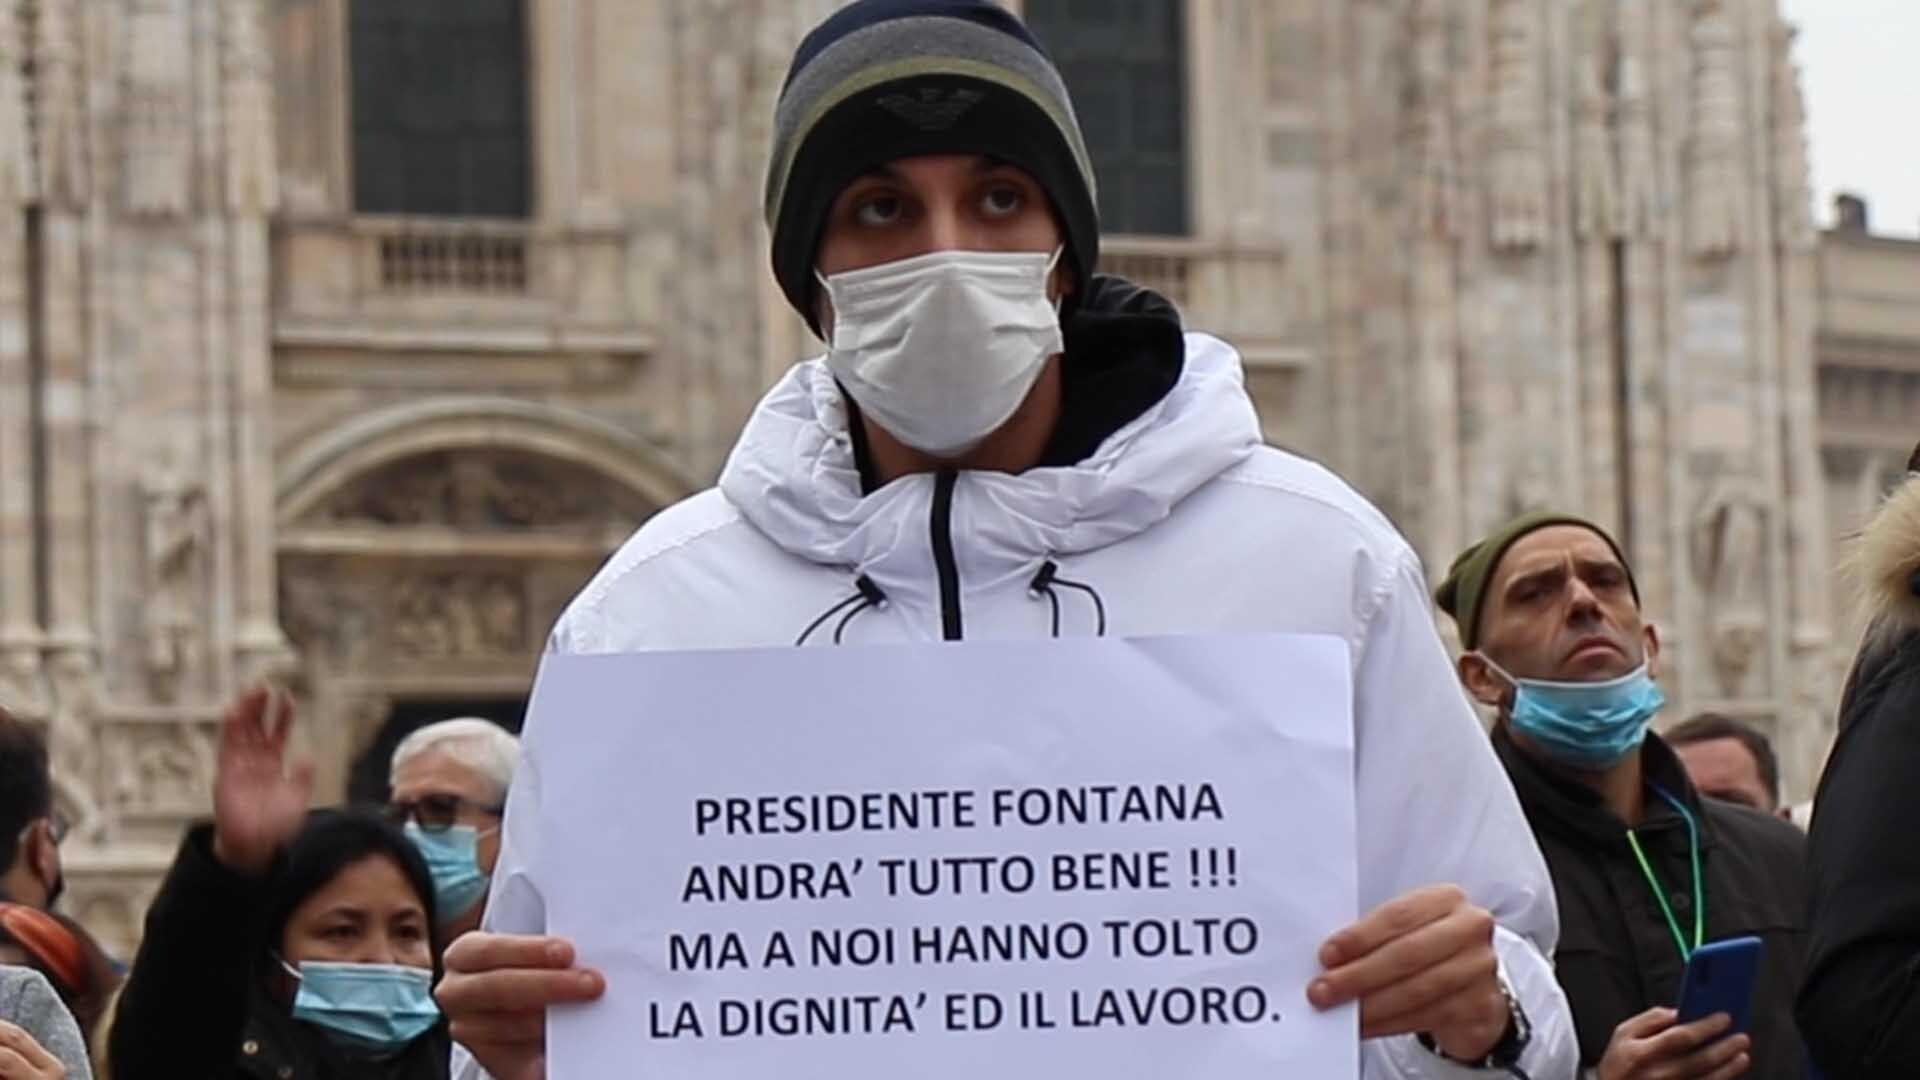 Le proteste per il coprifuoco in Lombardia